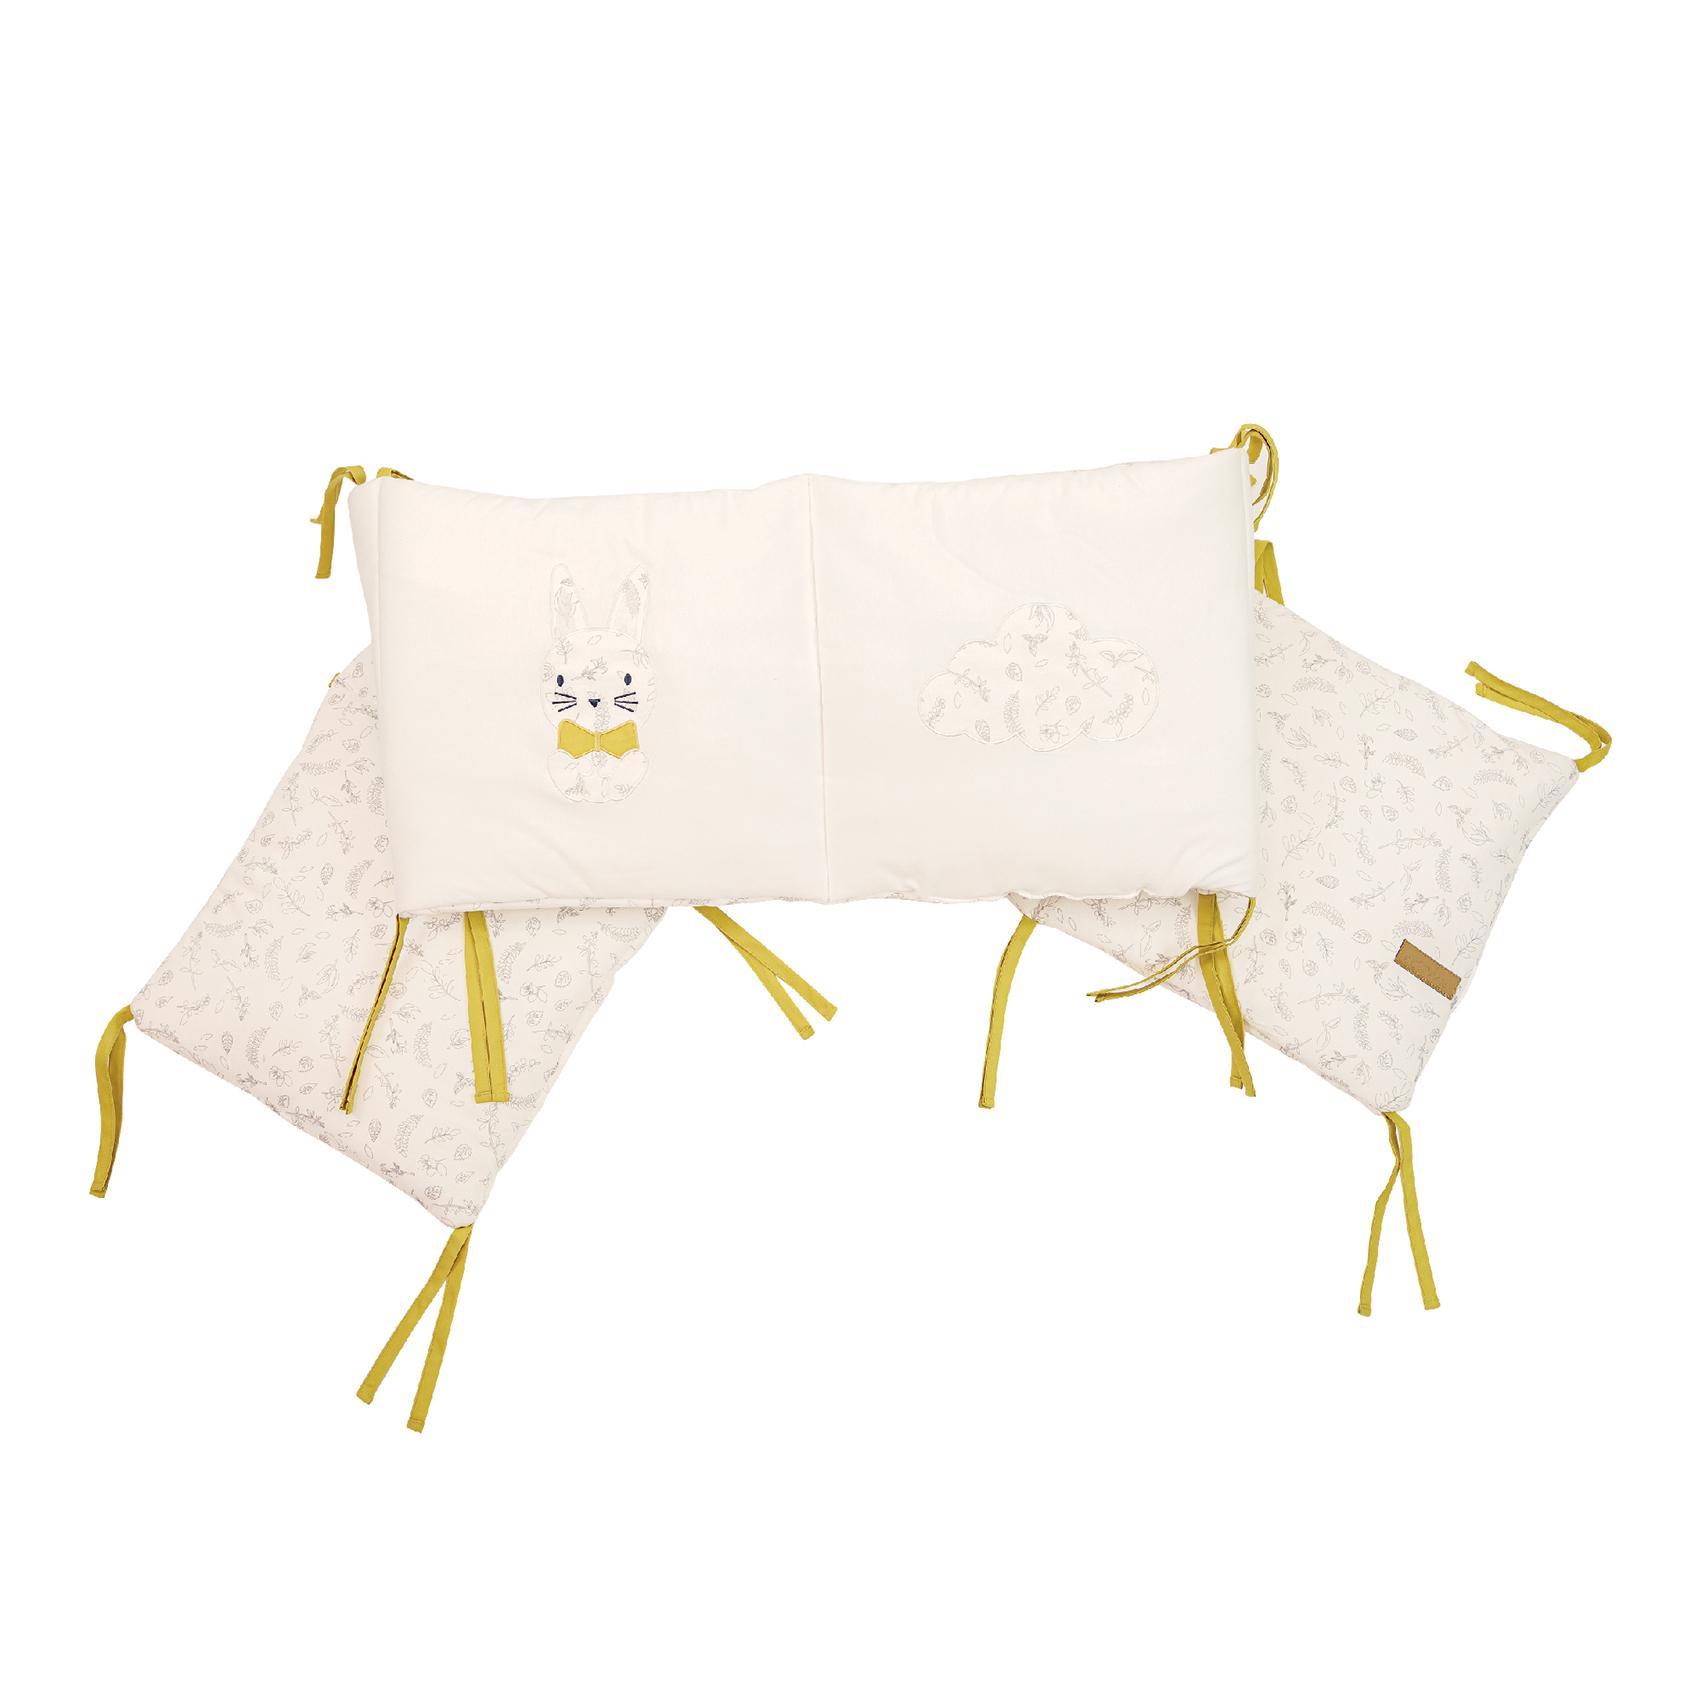 Tour de lit bébé Leafy Bunny en Coton Ecru 30x180